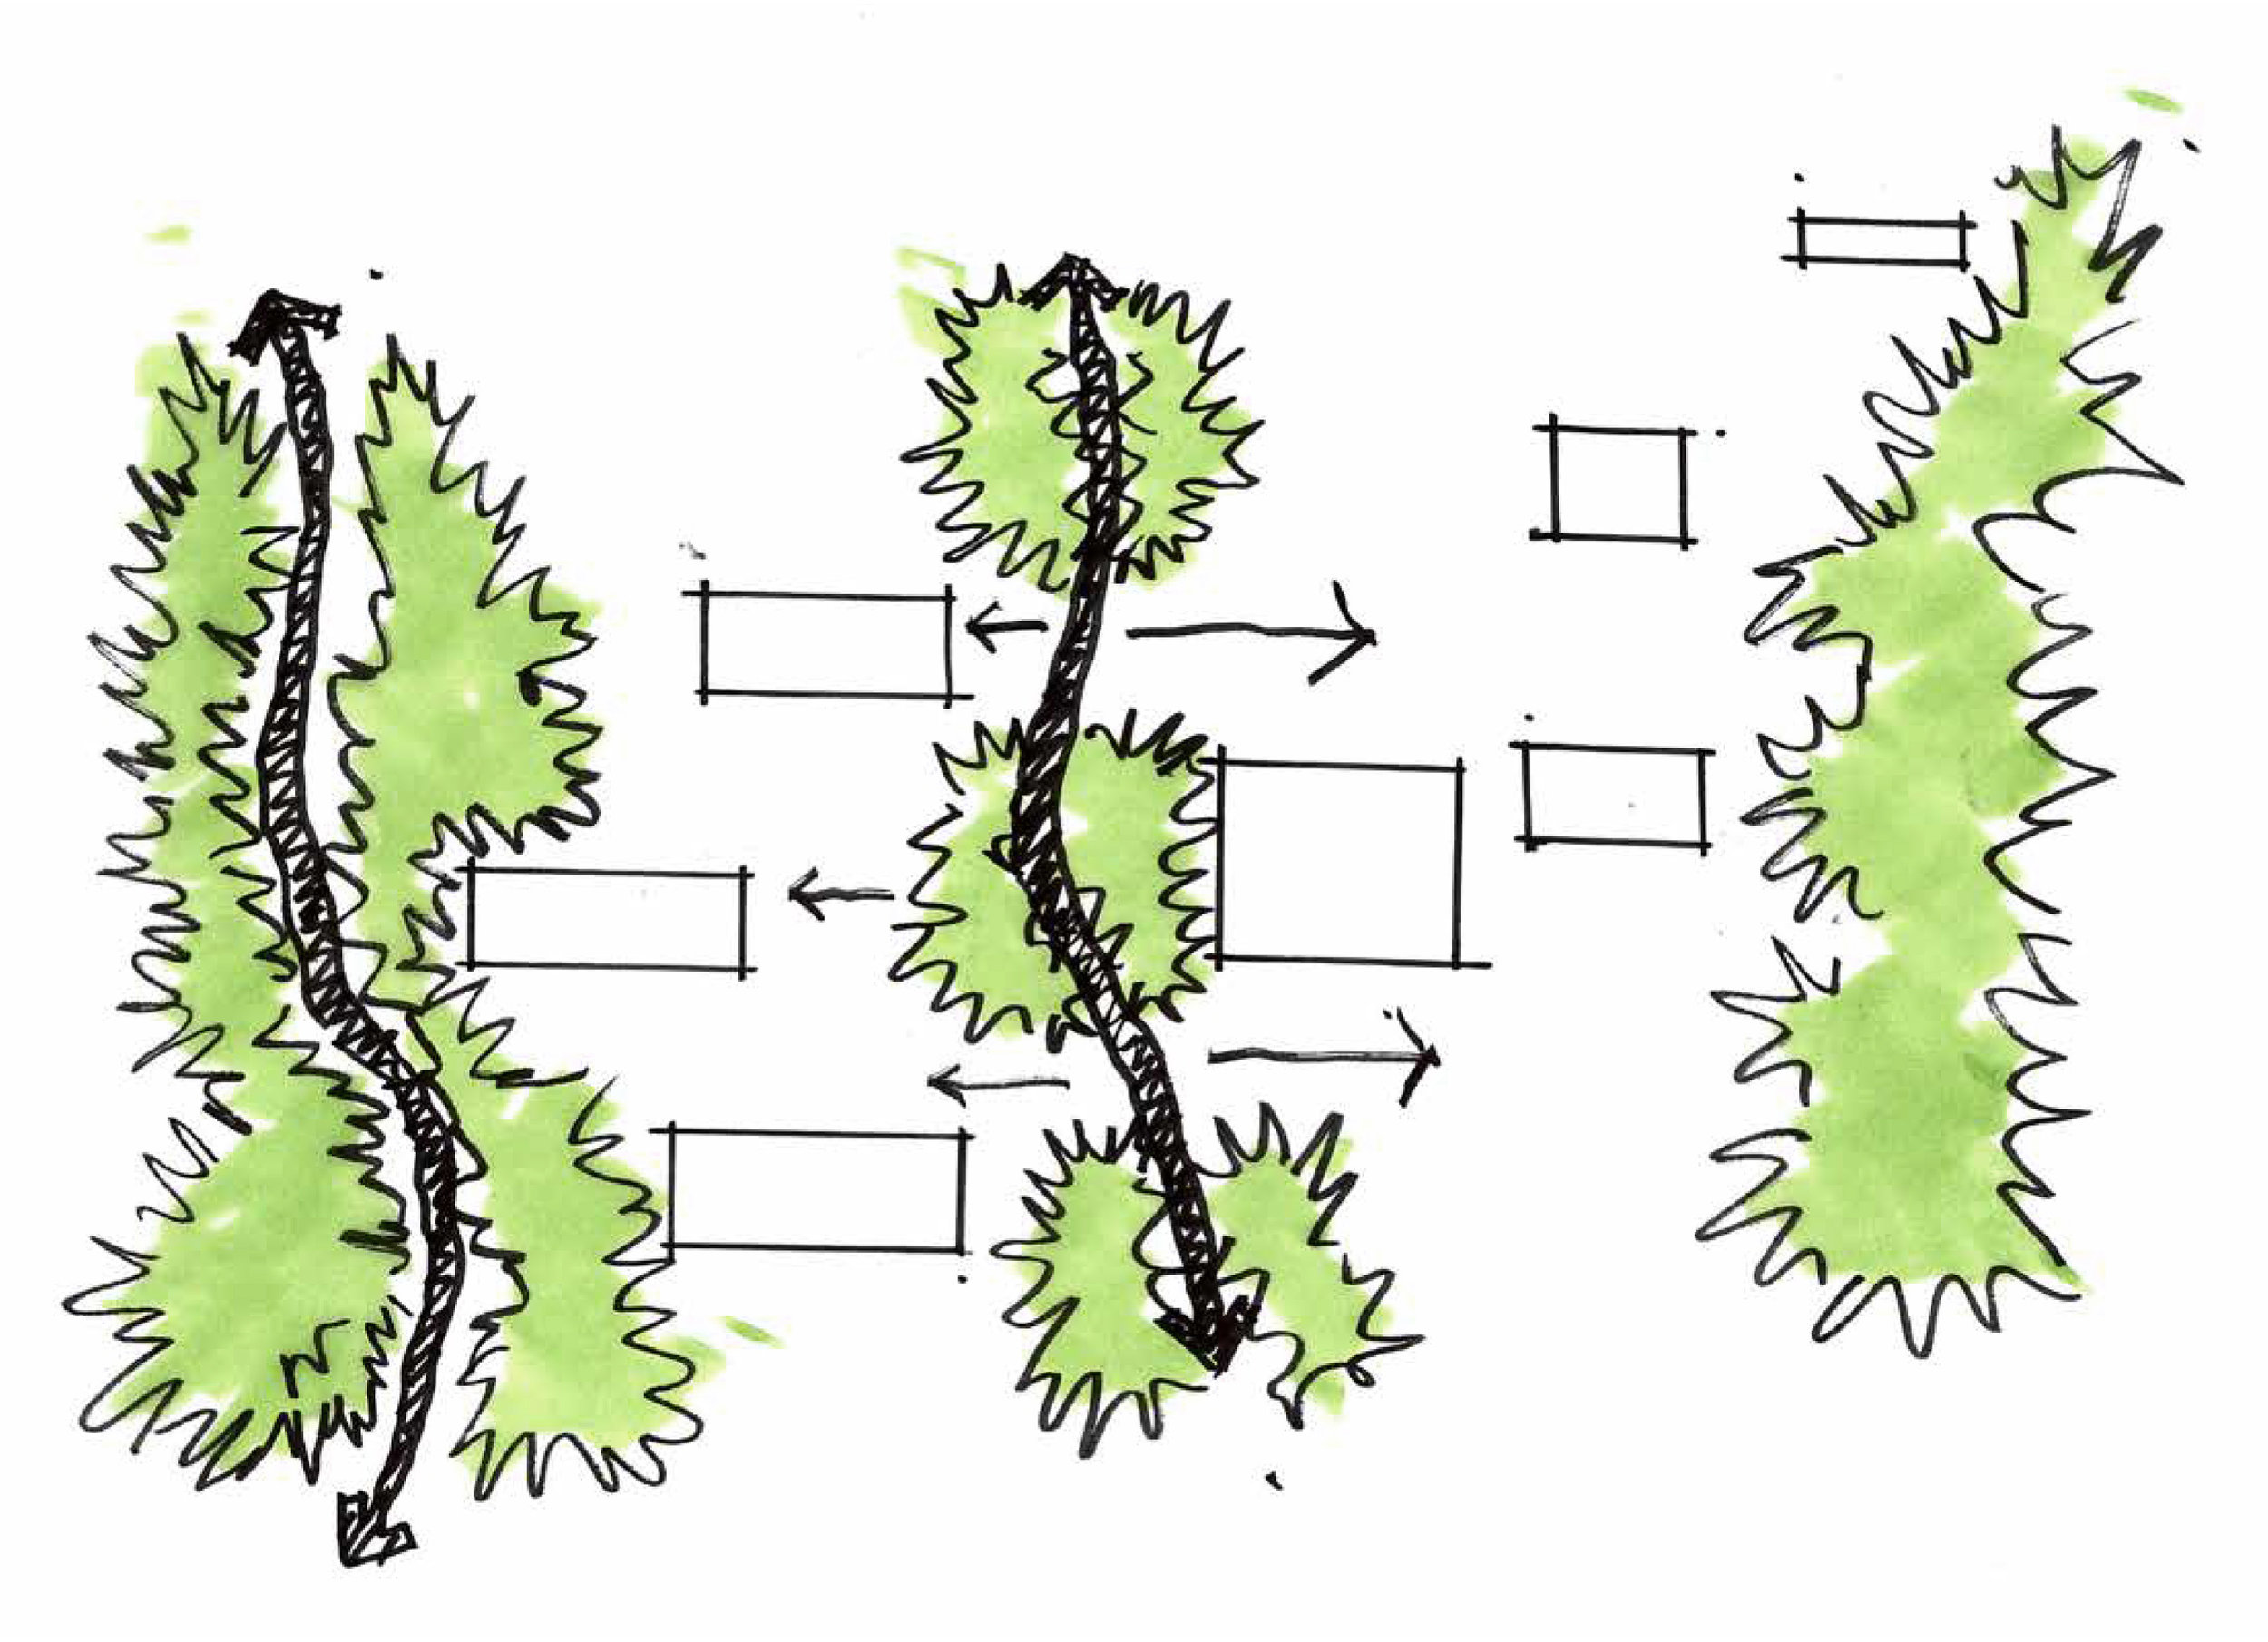 privacy/circulation conceptual diagram